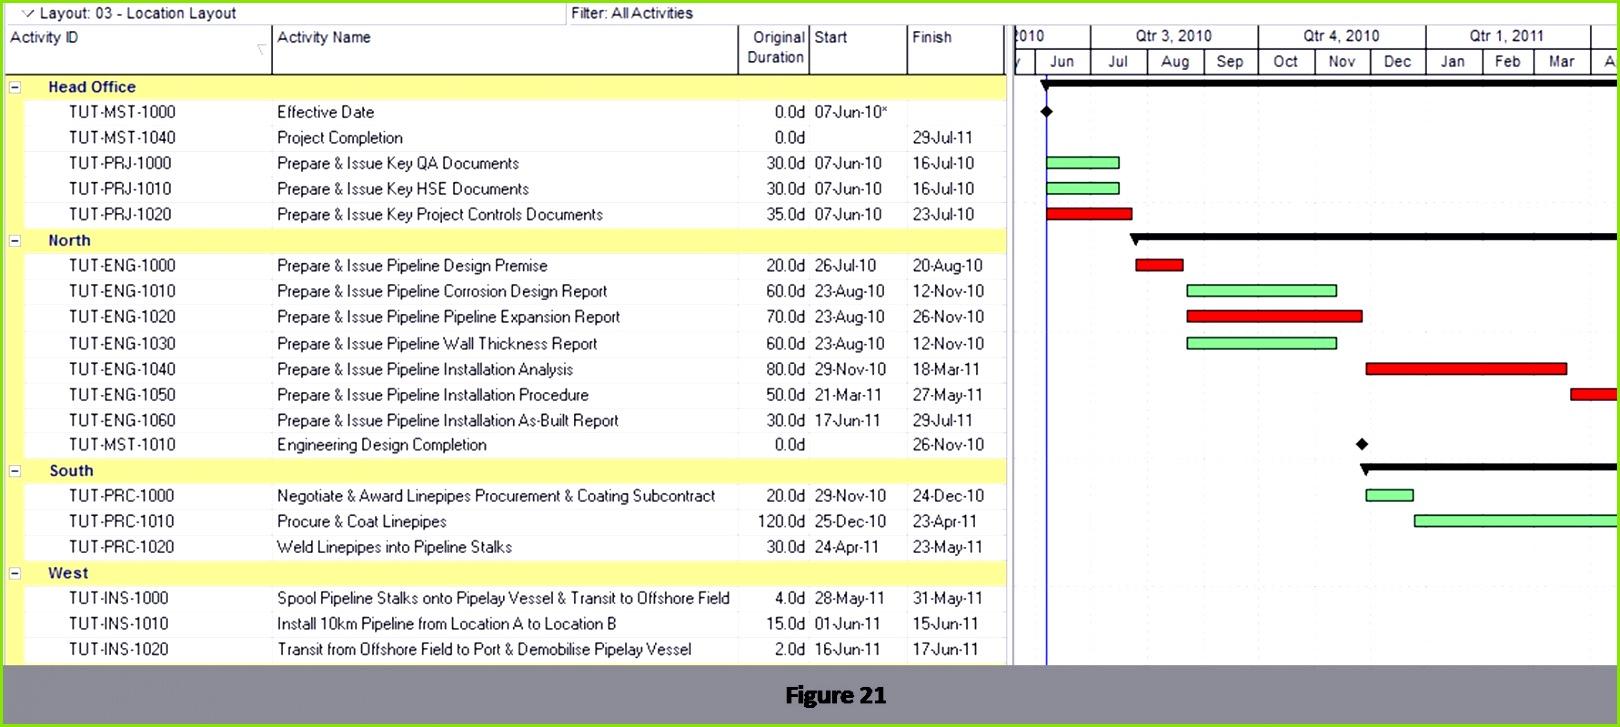 Excel Vorlage Haushaltsbuch Luxus Haushaltsplan Excel Vorlage Wunderschönen 14 Haushaltsbuch Vordruck Bild